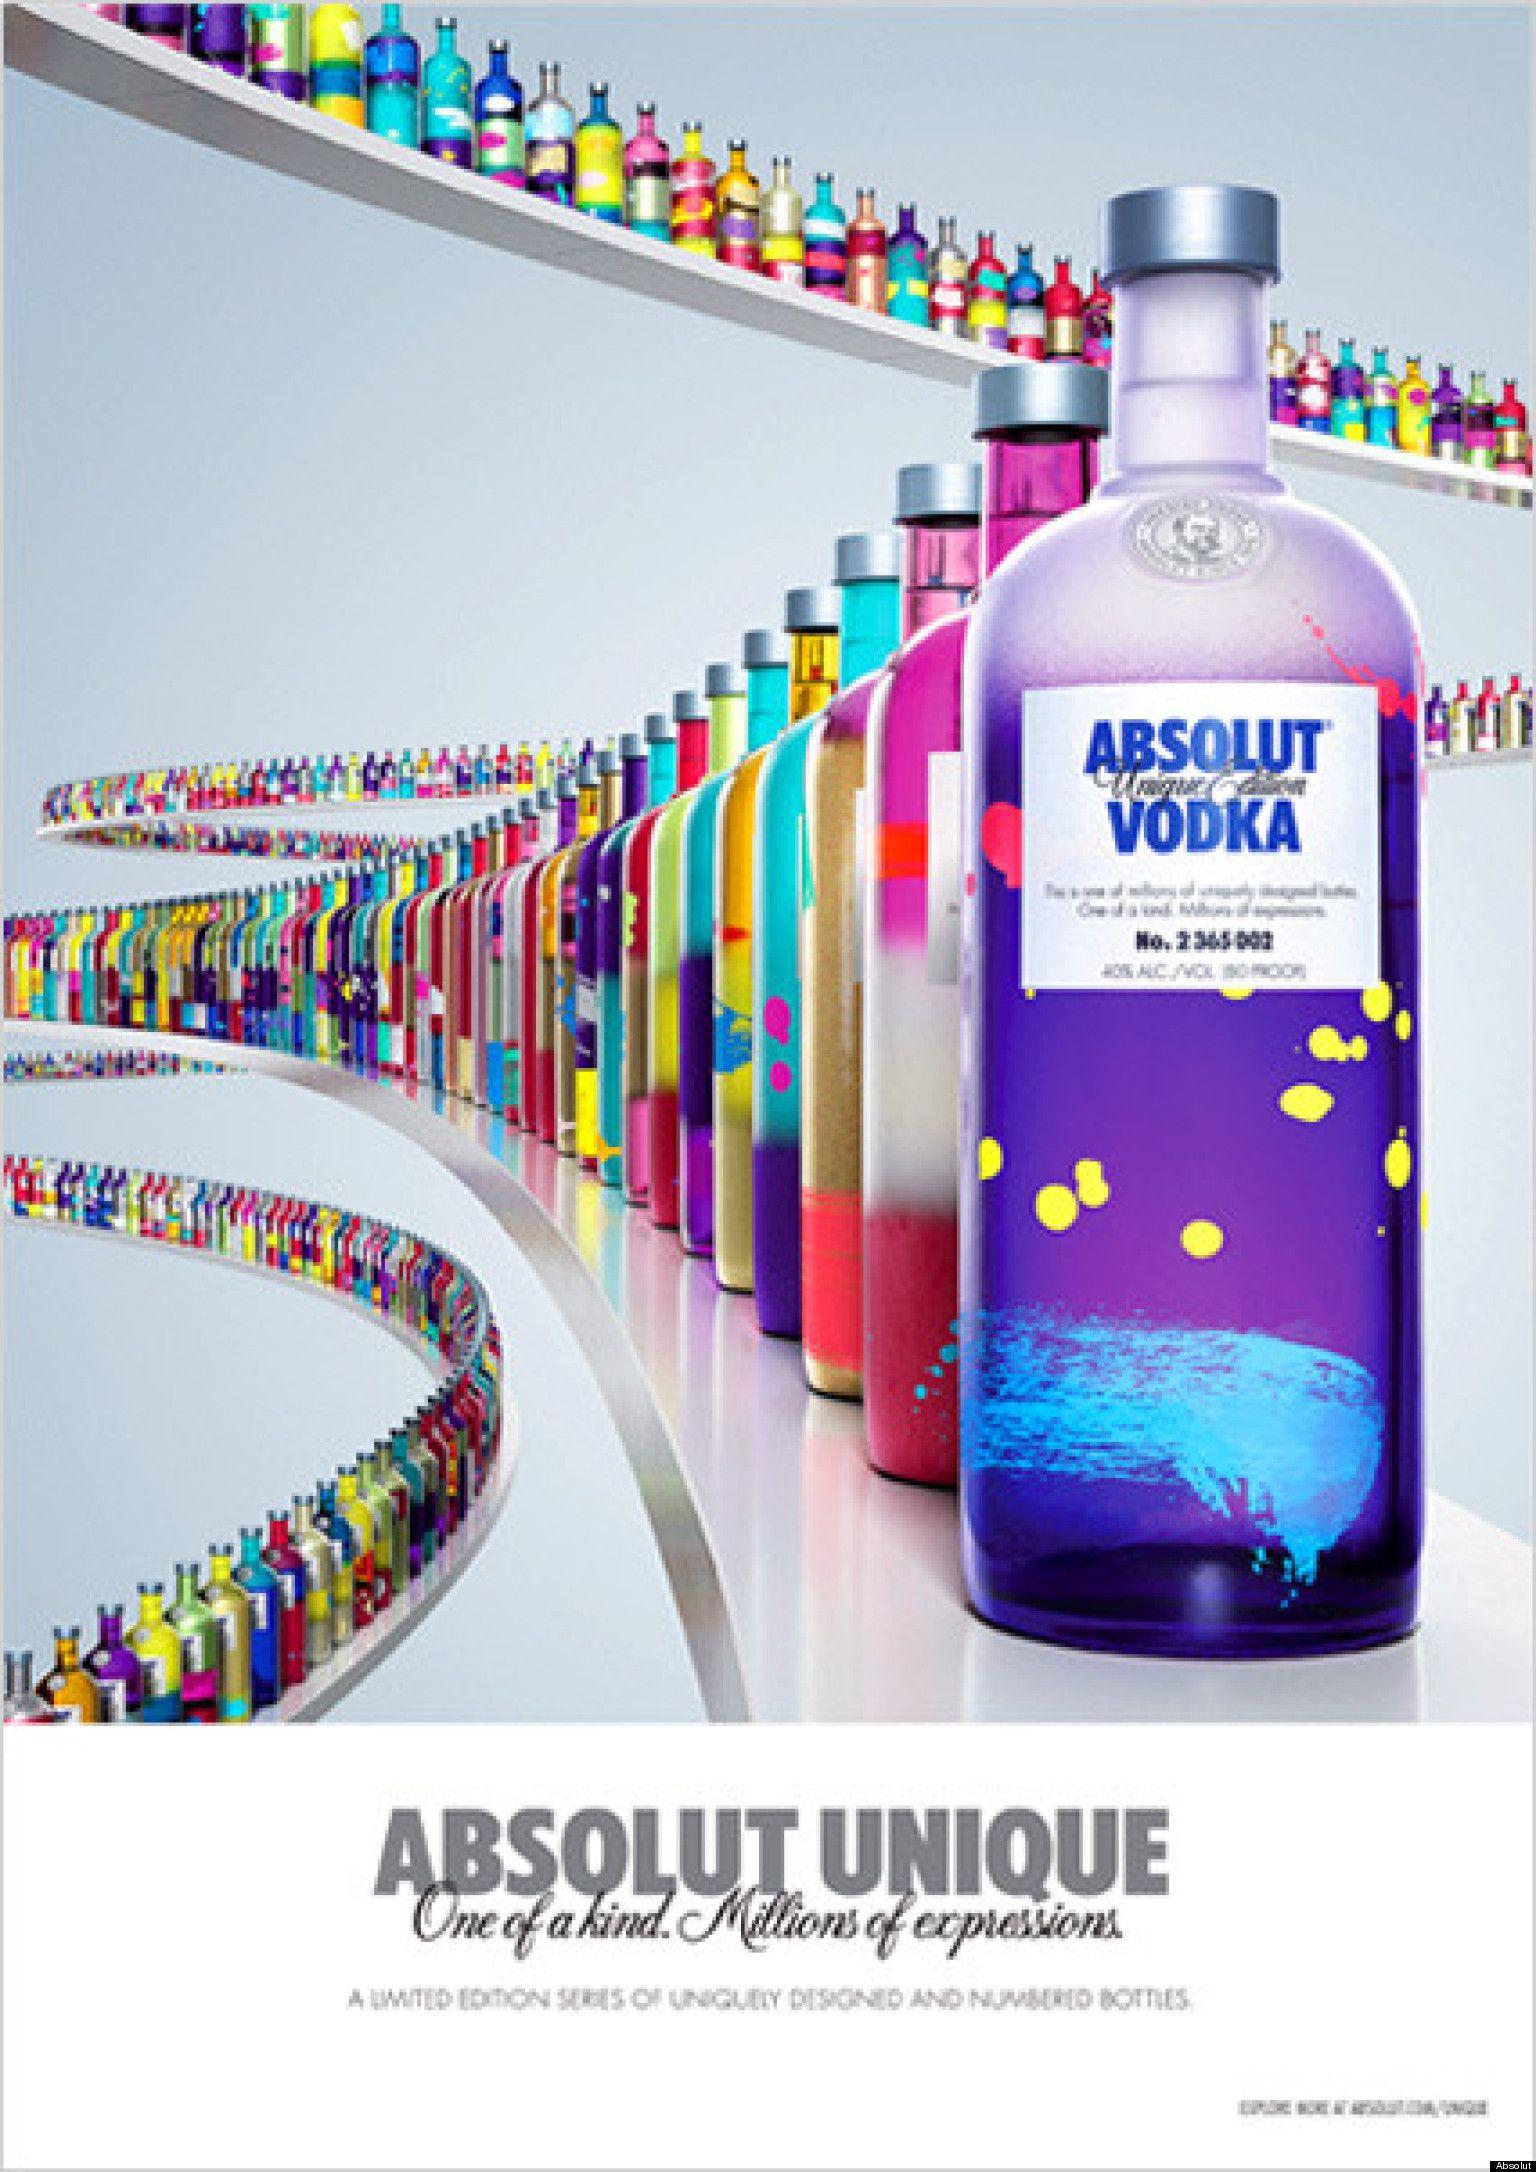 Absolut Releases 4 Million One Of A Kind Vodka Bottles Vodka